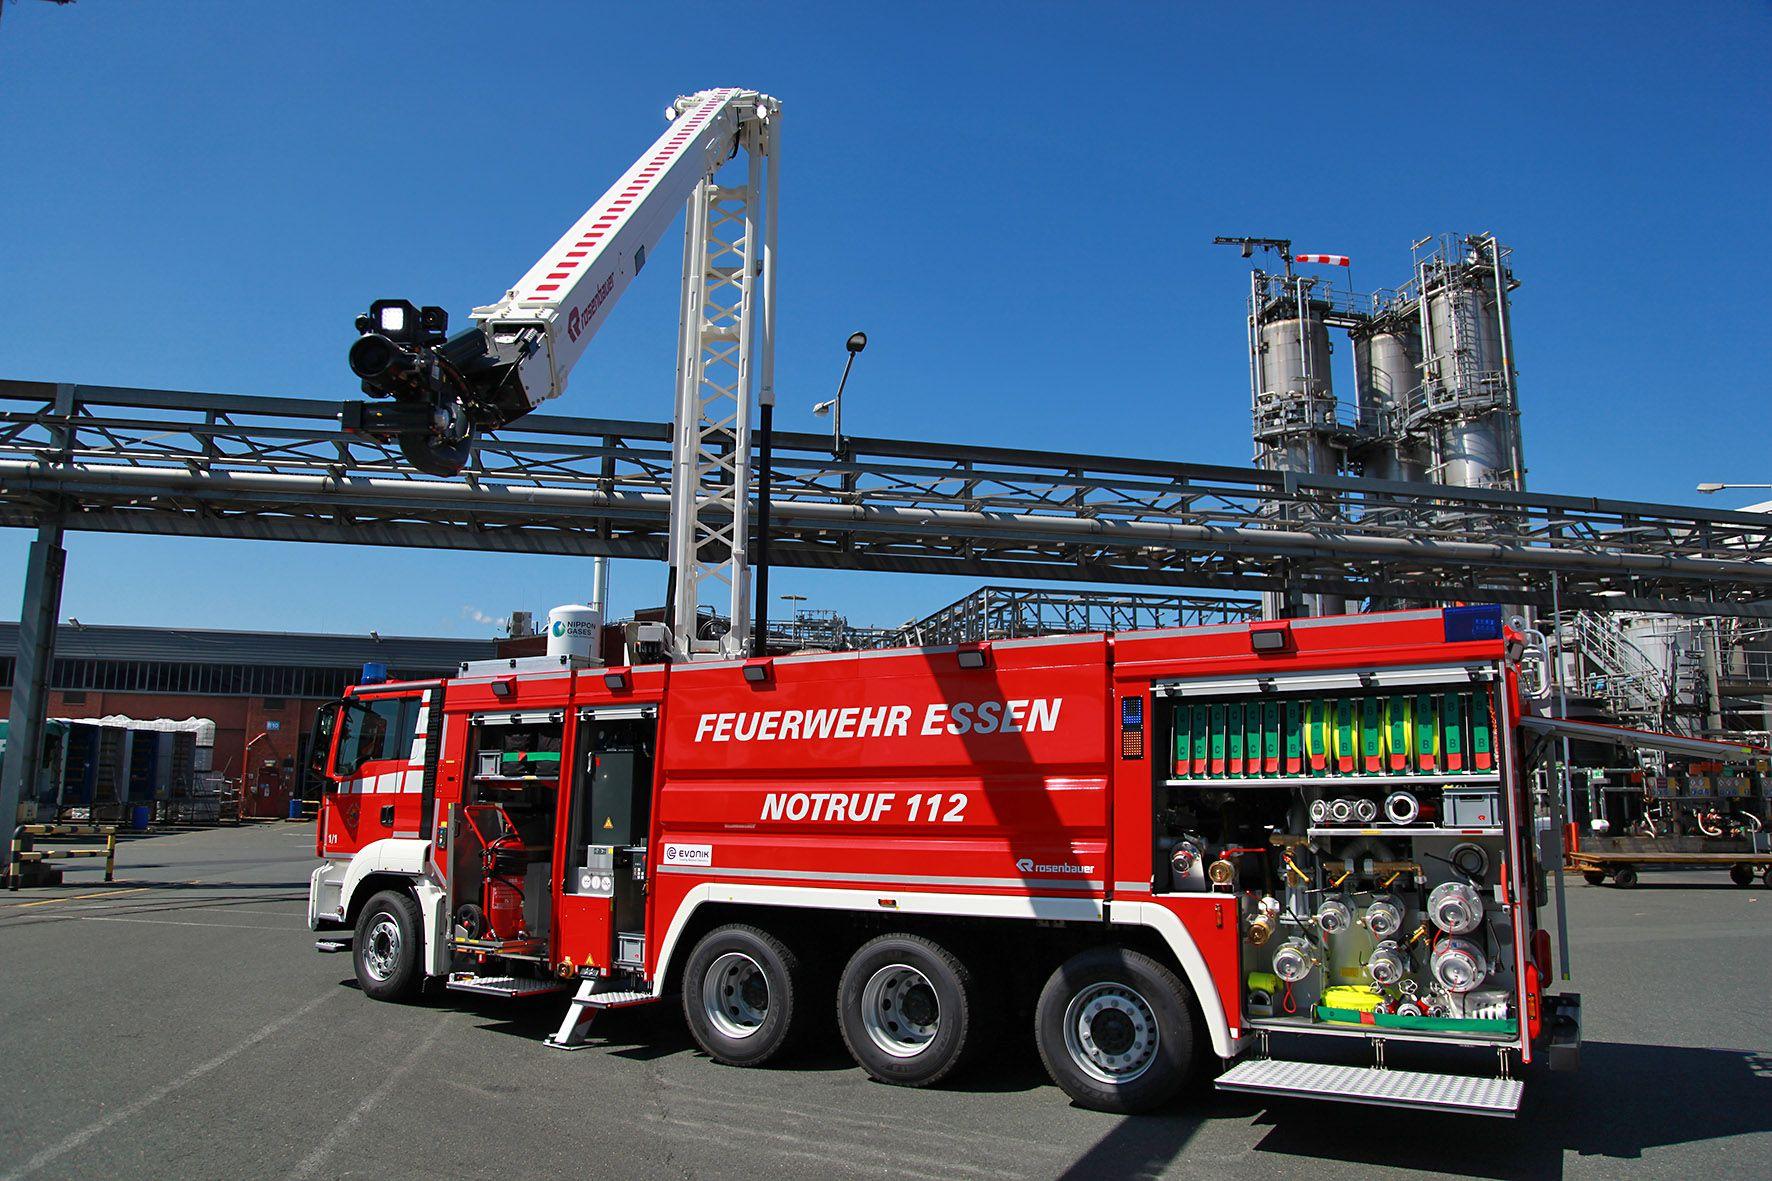 Kostenfreies Loschfahrzeug Der Besonderen Art Https Fwc News Custom By Source 0 Feuerwehr Wirliebenfeuerwehr In 2020 Feuerwehr Feuerwehr Essen Loschfahrzeug